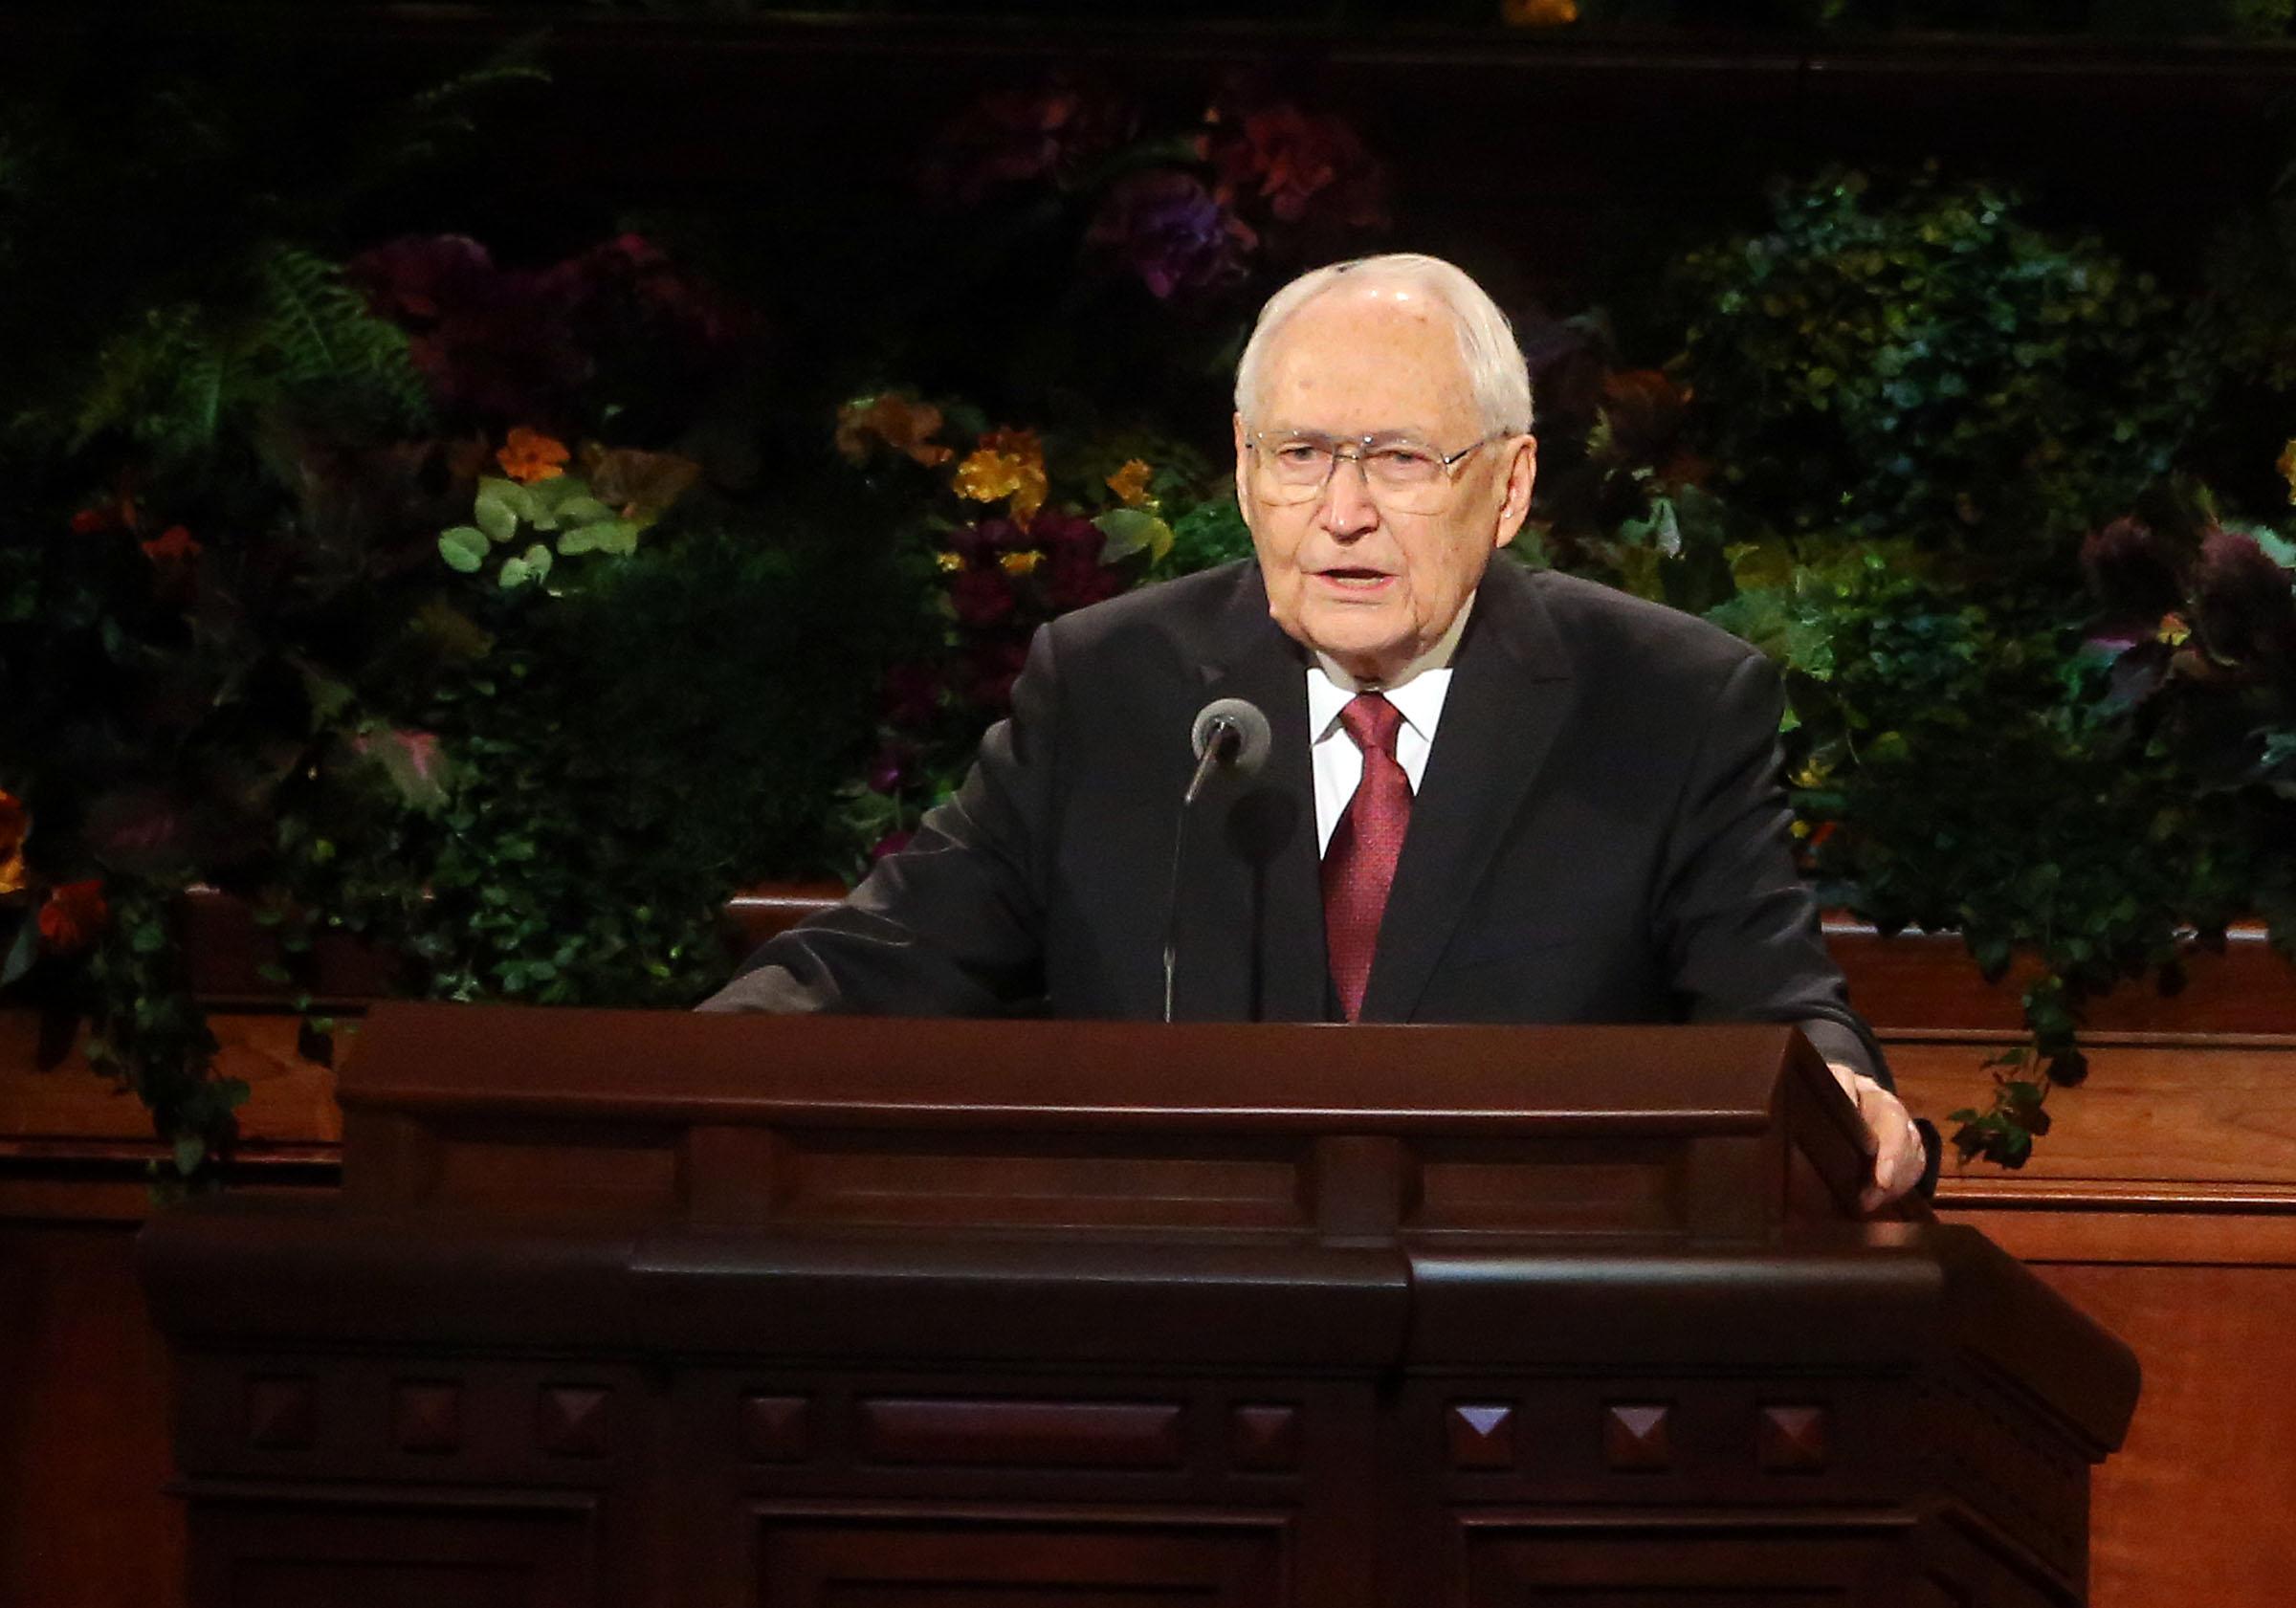 Elder L. Tom Perry fallece a los 92 años